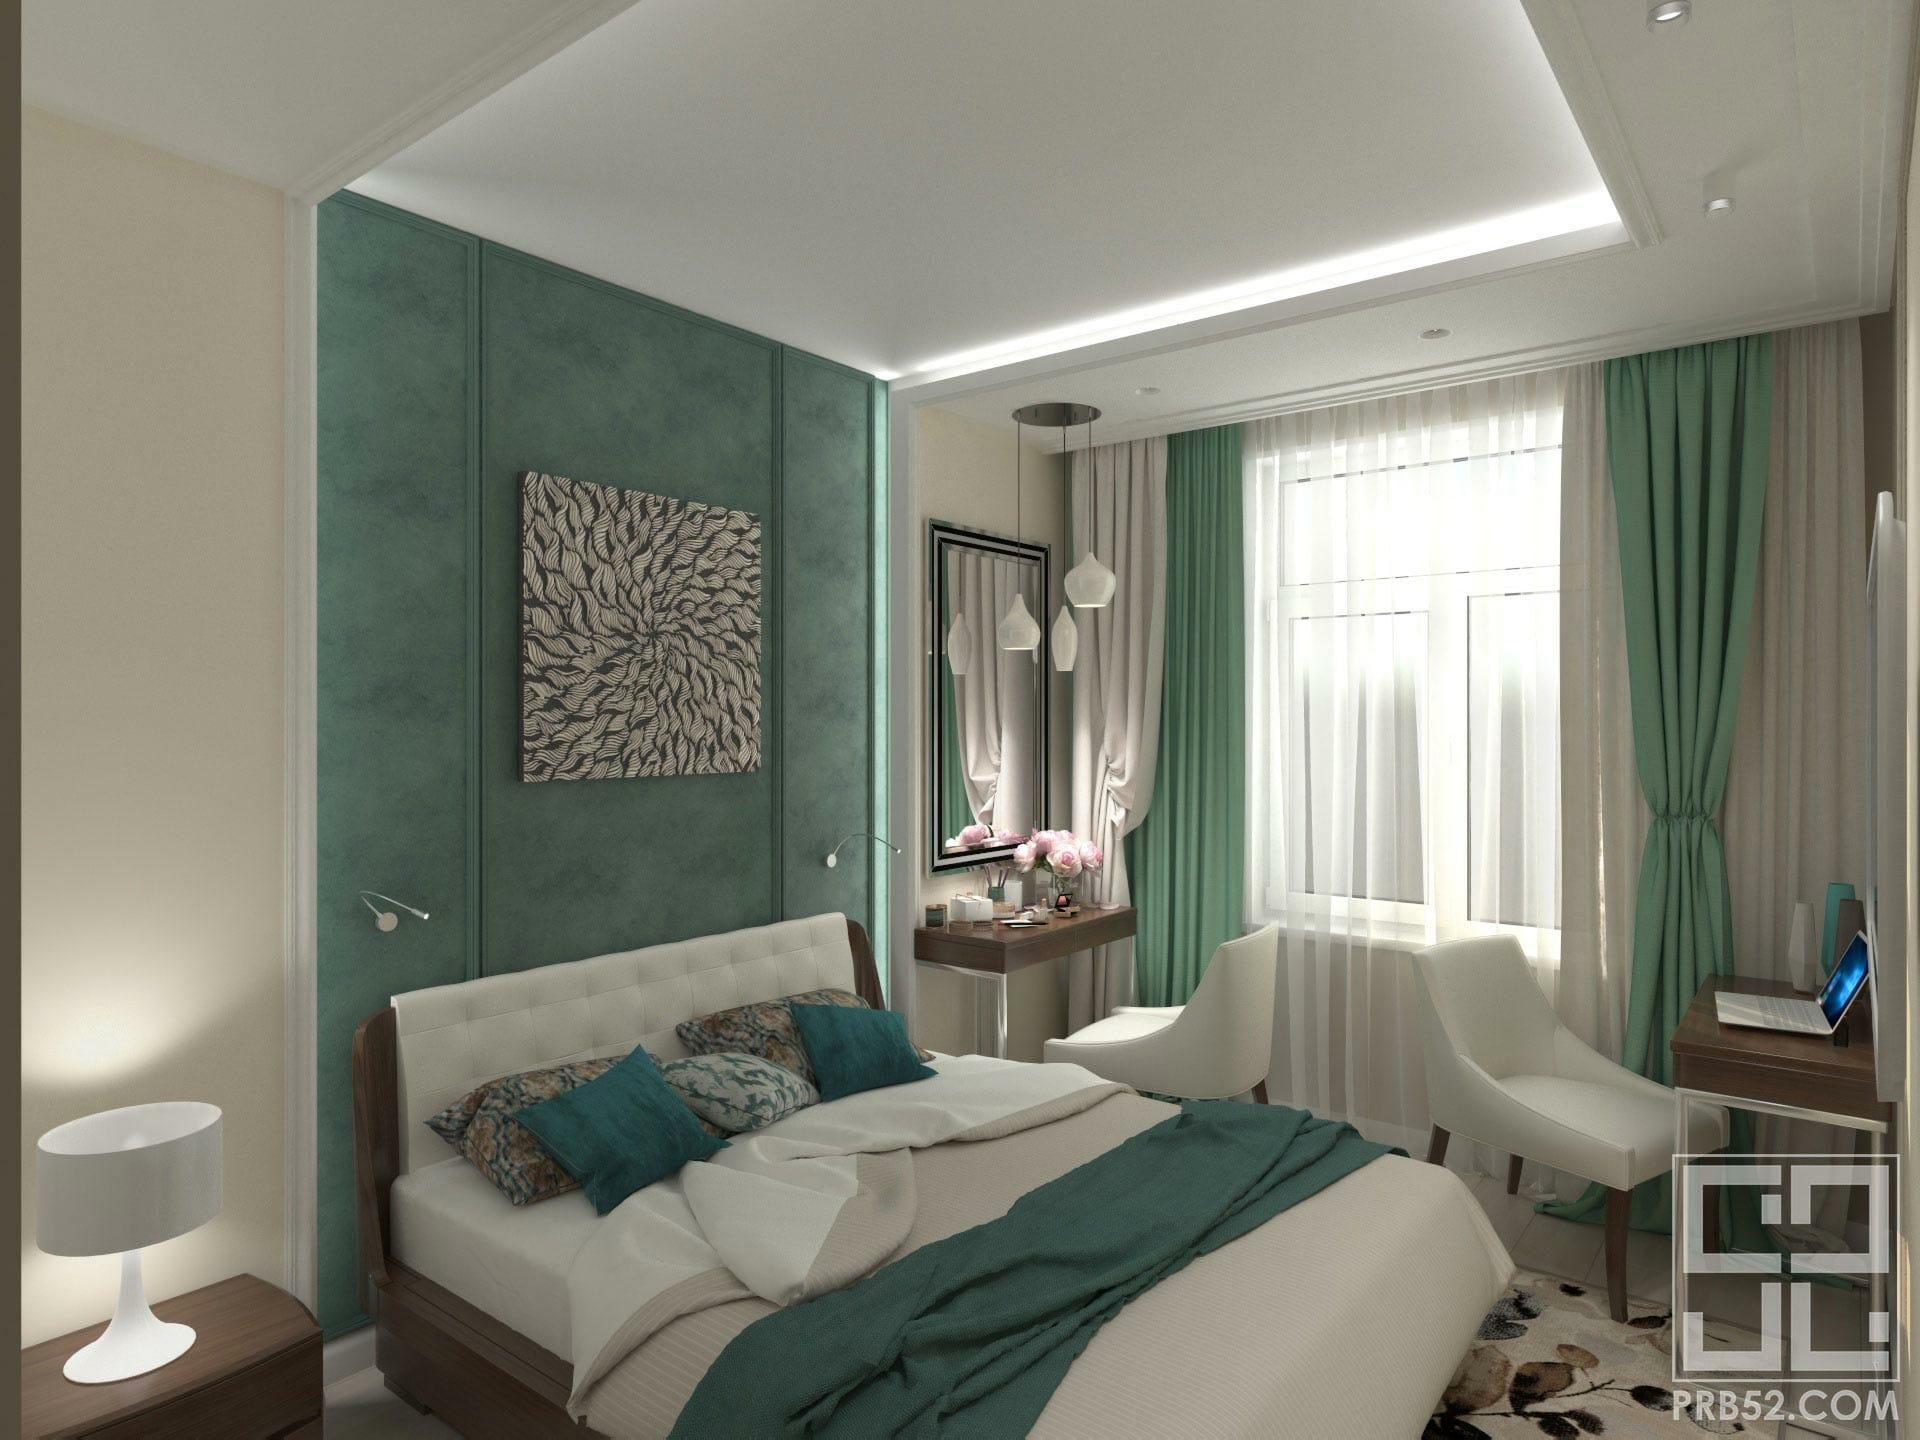 дизайн интерьера спальни с подсветкой